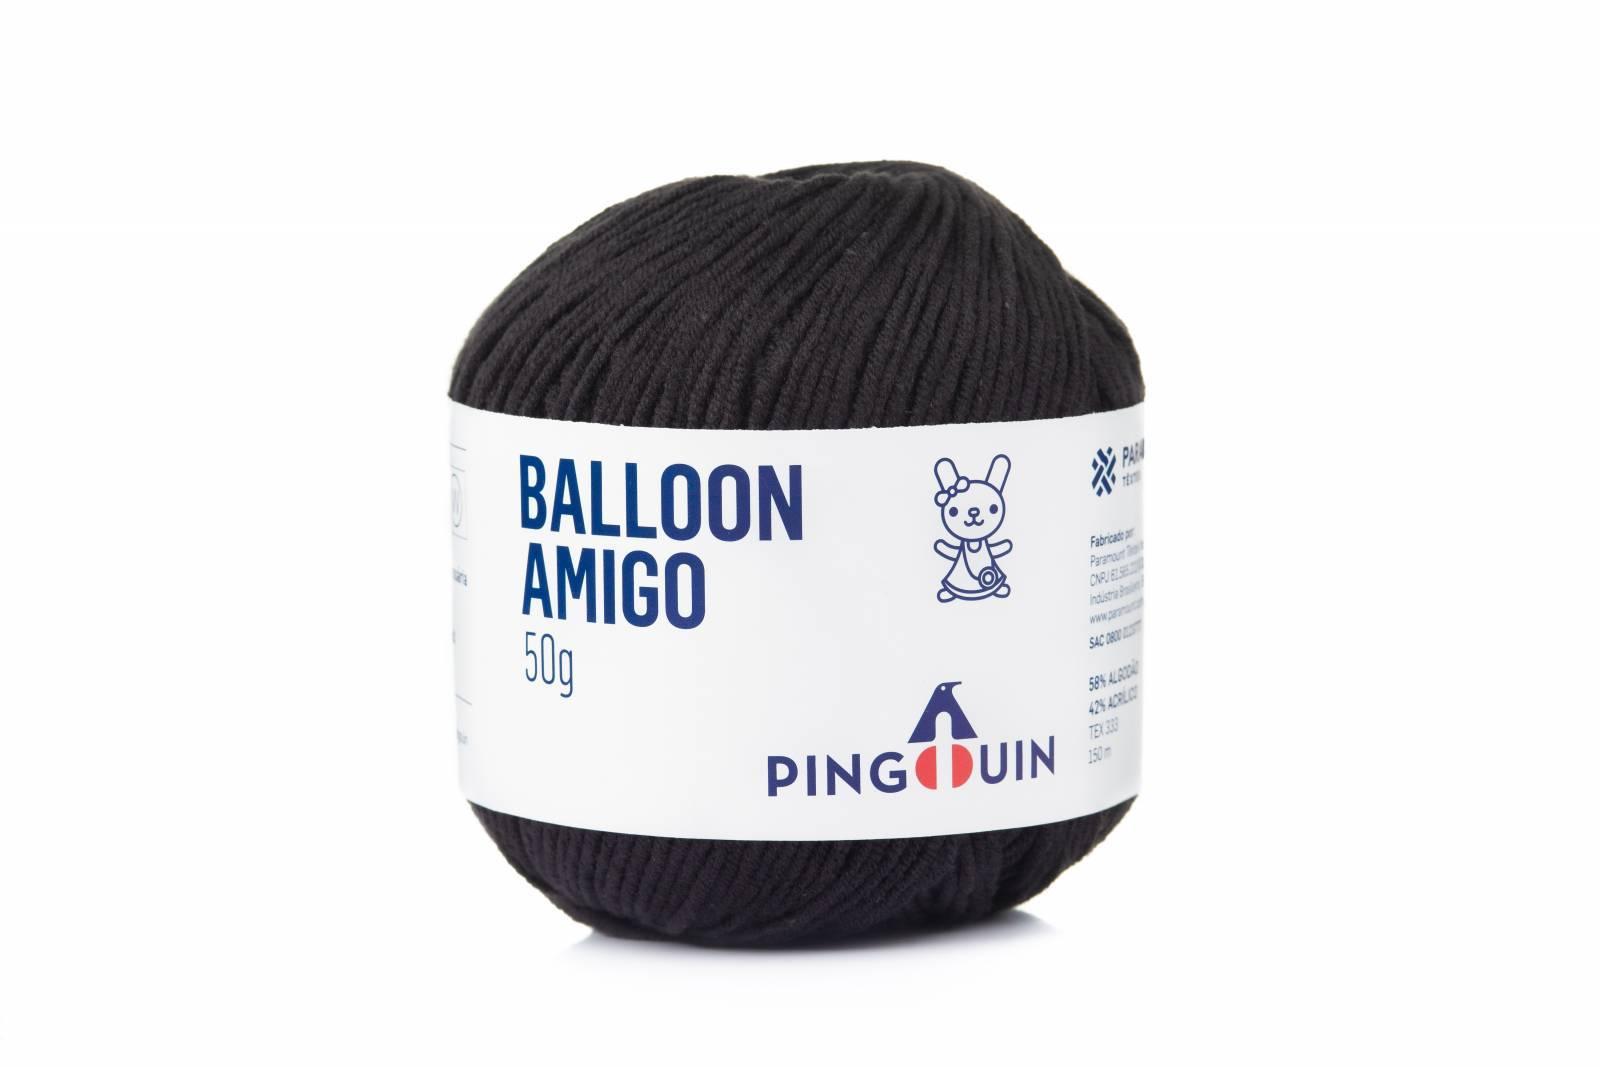 Balloon amigo 100 Preto - BAÚ DA VOVÓ